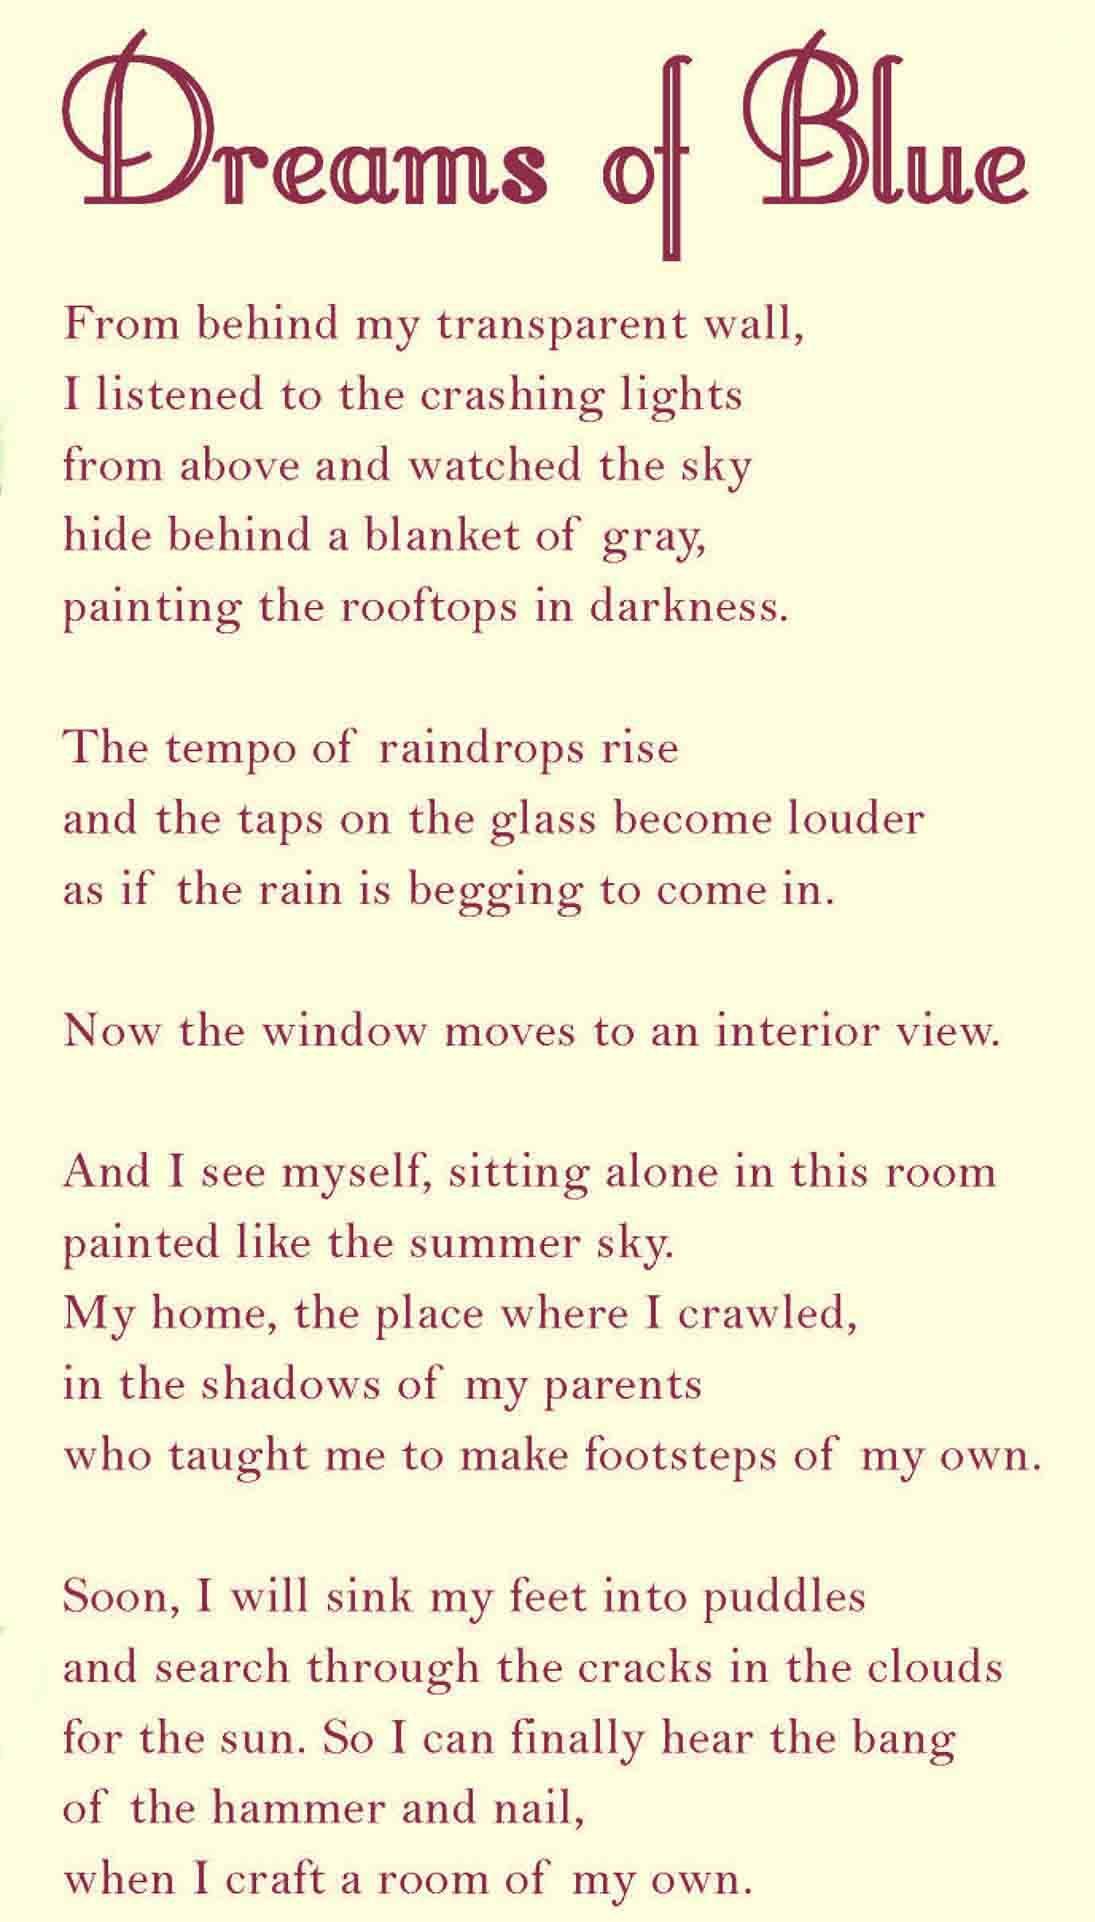 Dreams of Blue by Daylen A. Nguyen